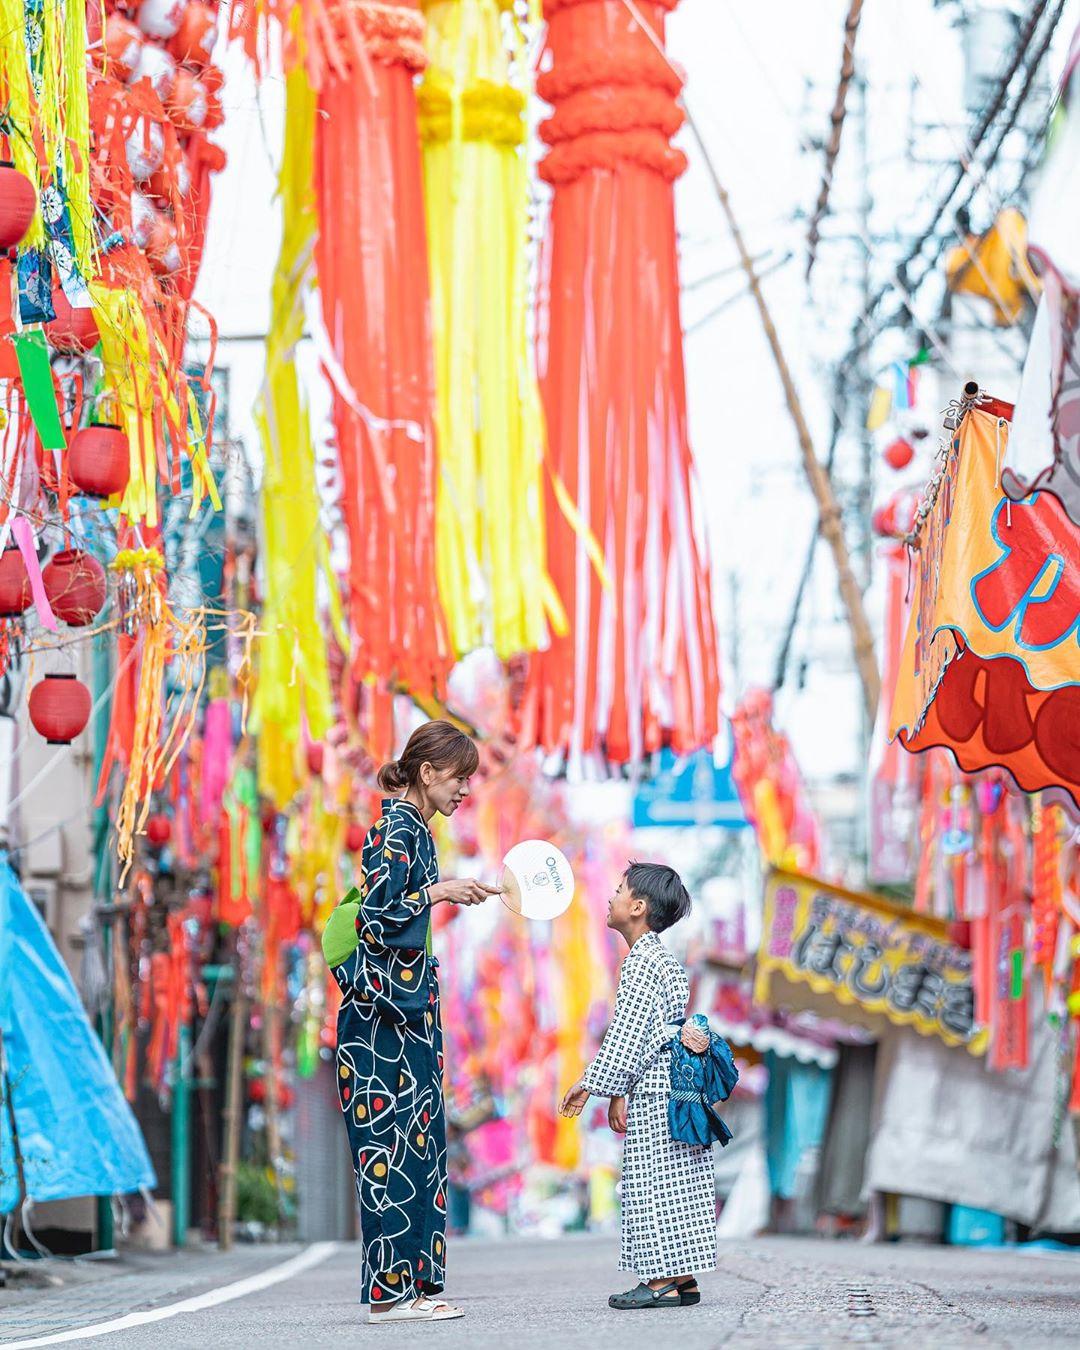 """Có một nước Nhật đẹp đến nao lòng qua ống kính của ông bố trẻ """"mê"""" chụp ảnh vợ và con trai, ai xem xong cũng """"tan chảy"""" - Ảnh 14."""